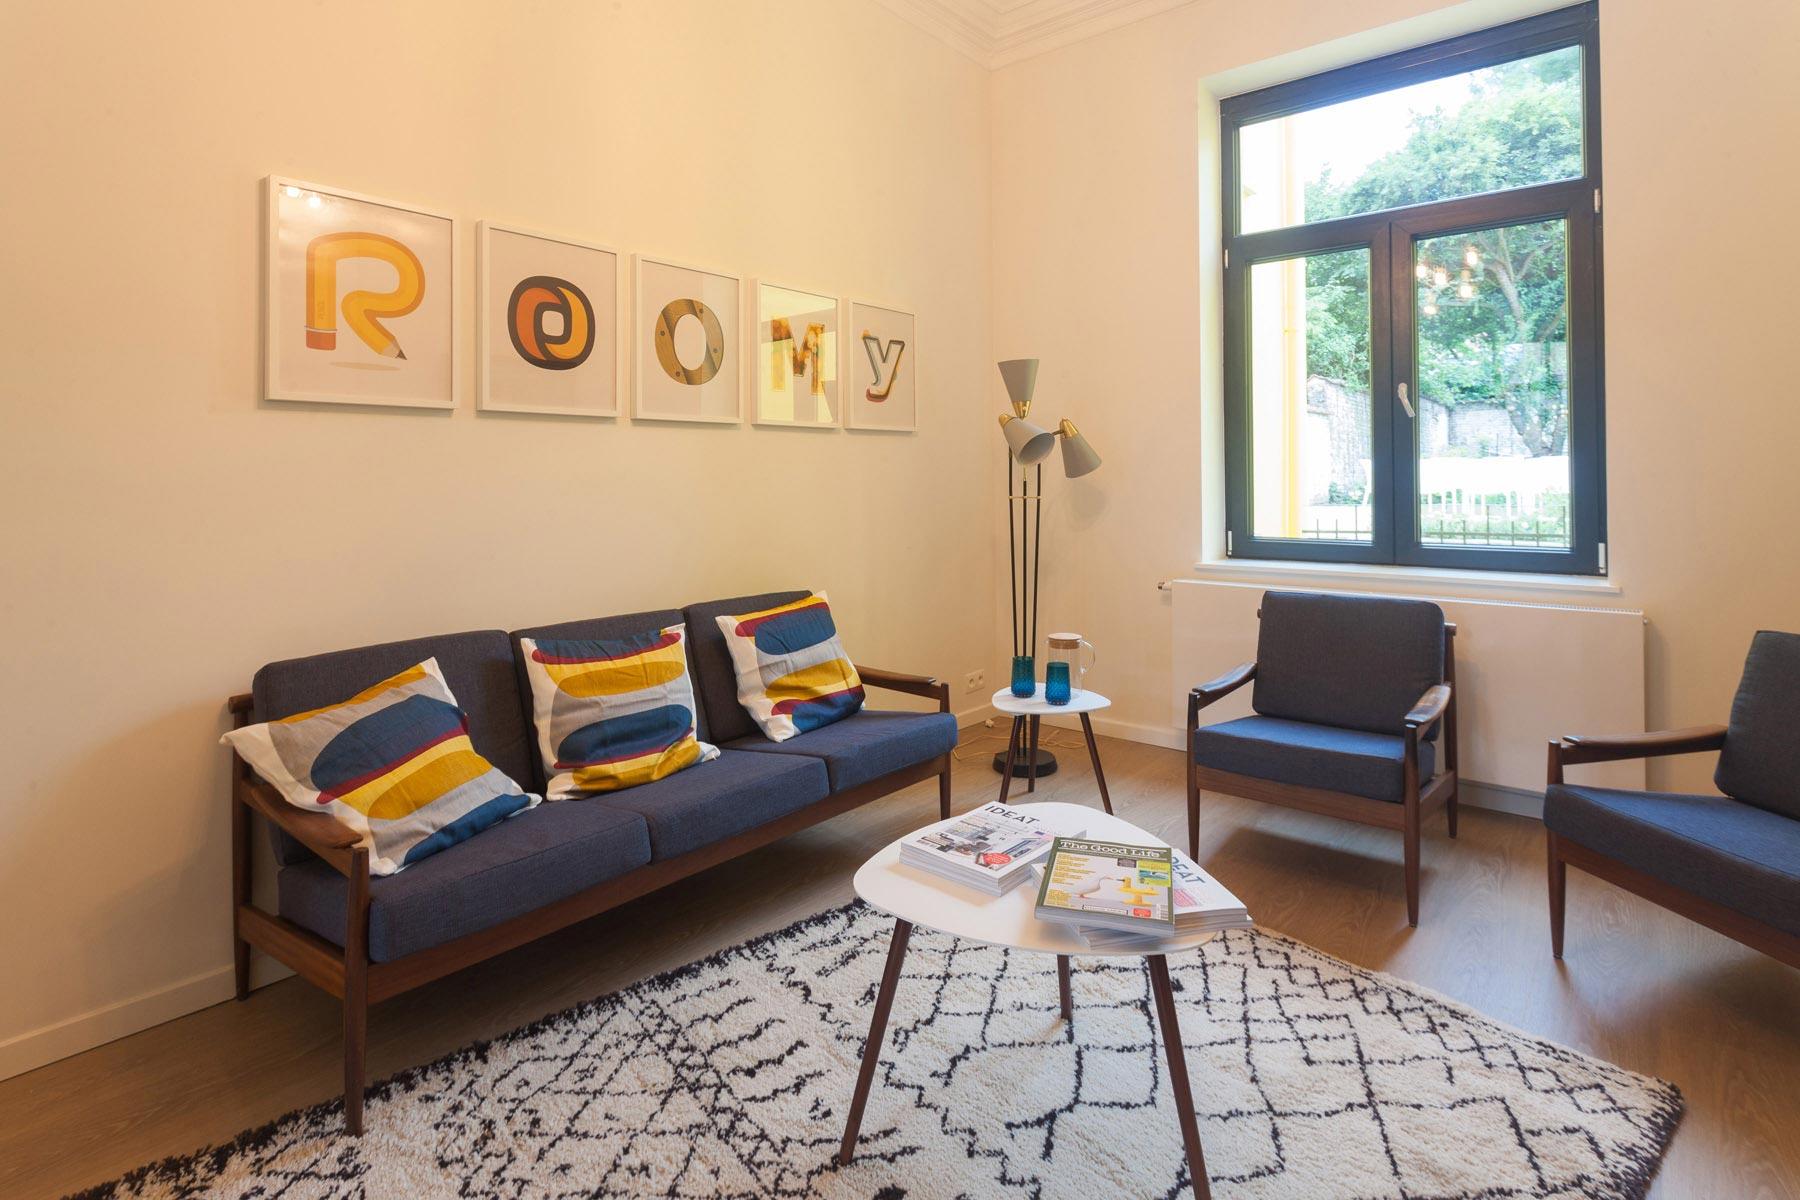 Salon maison Roomy Uccle